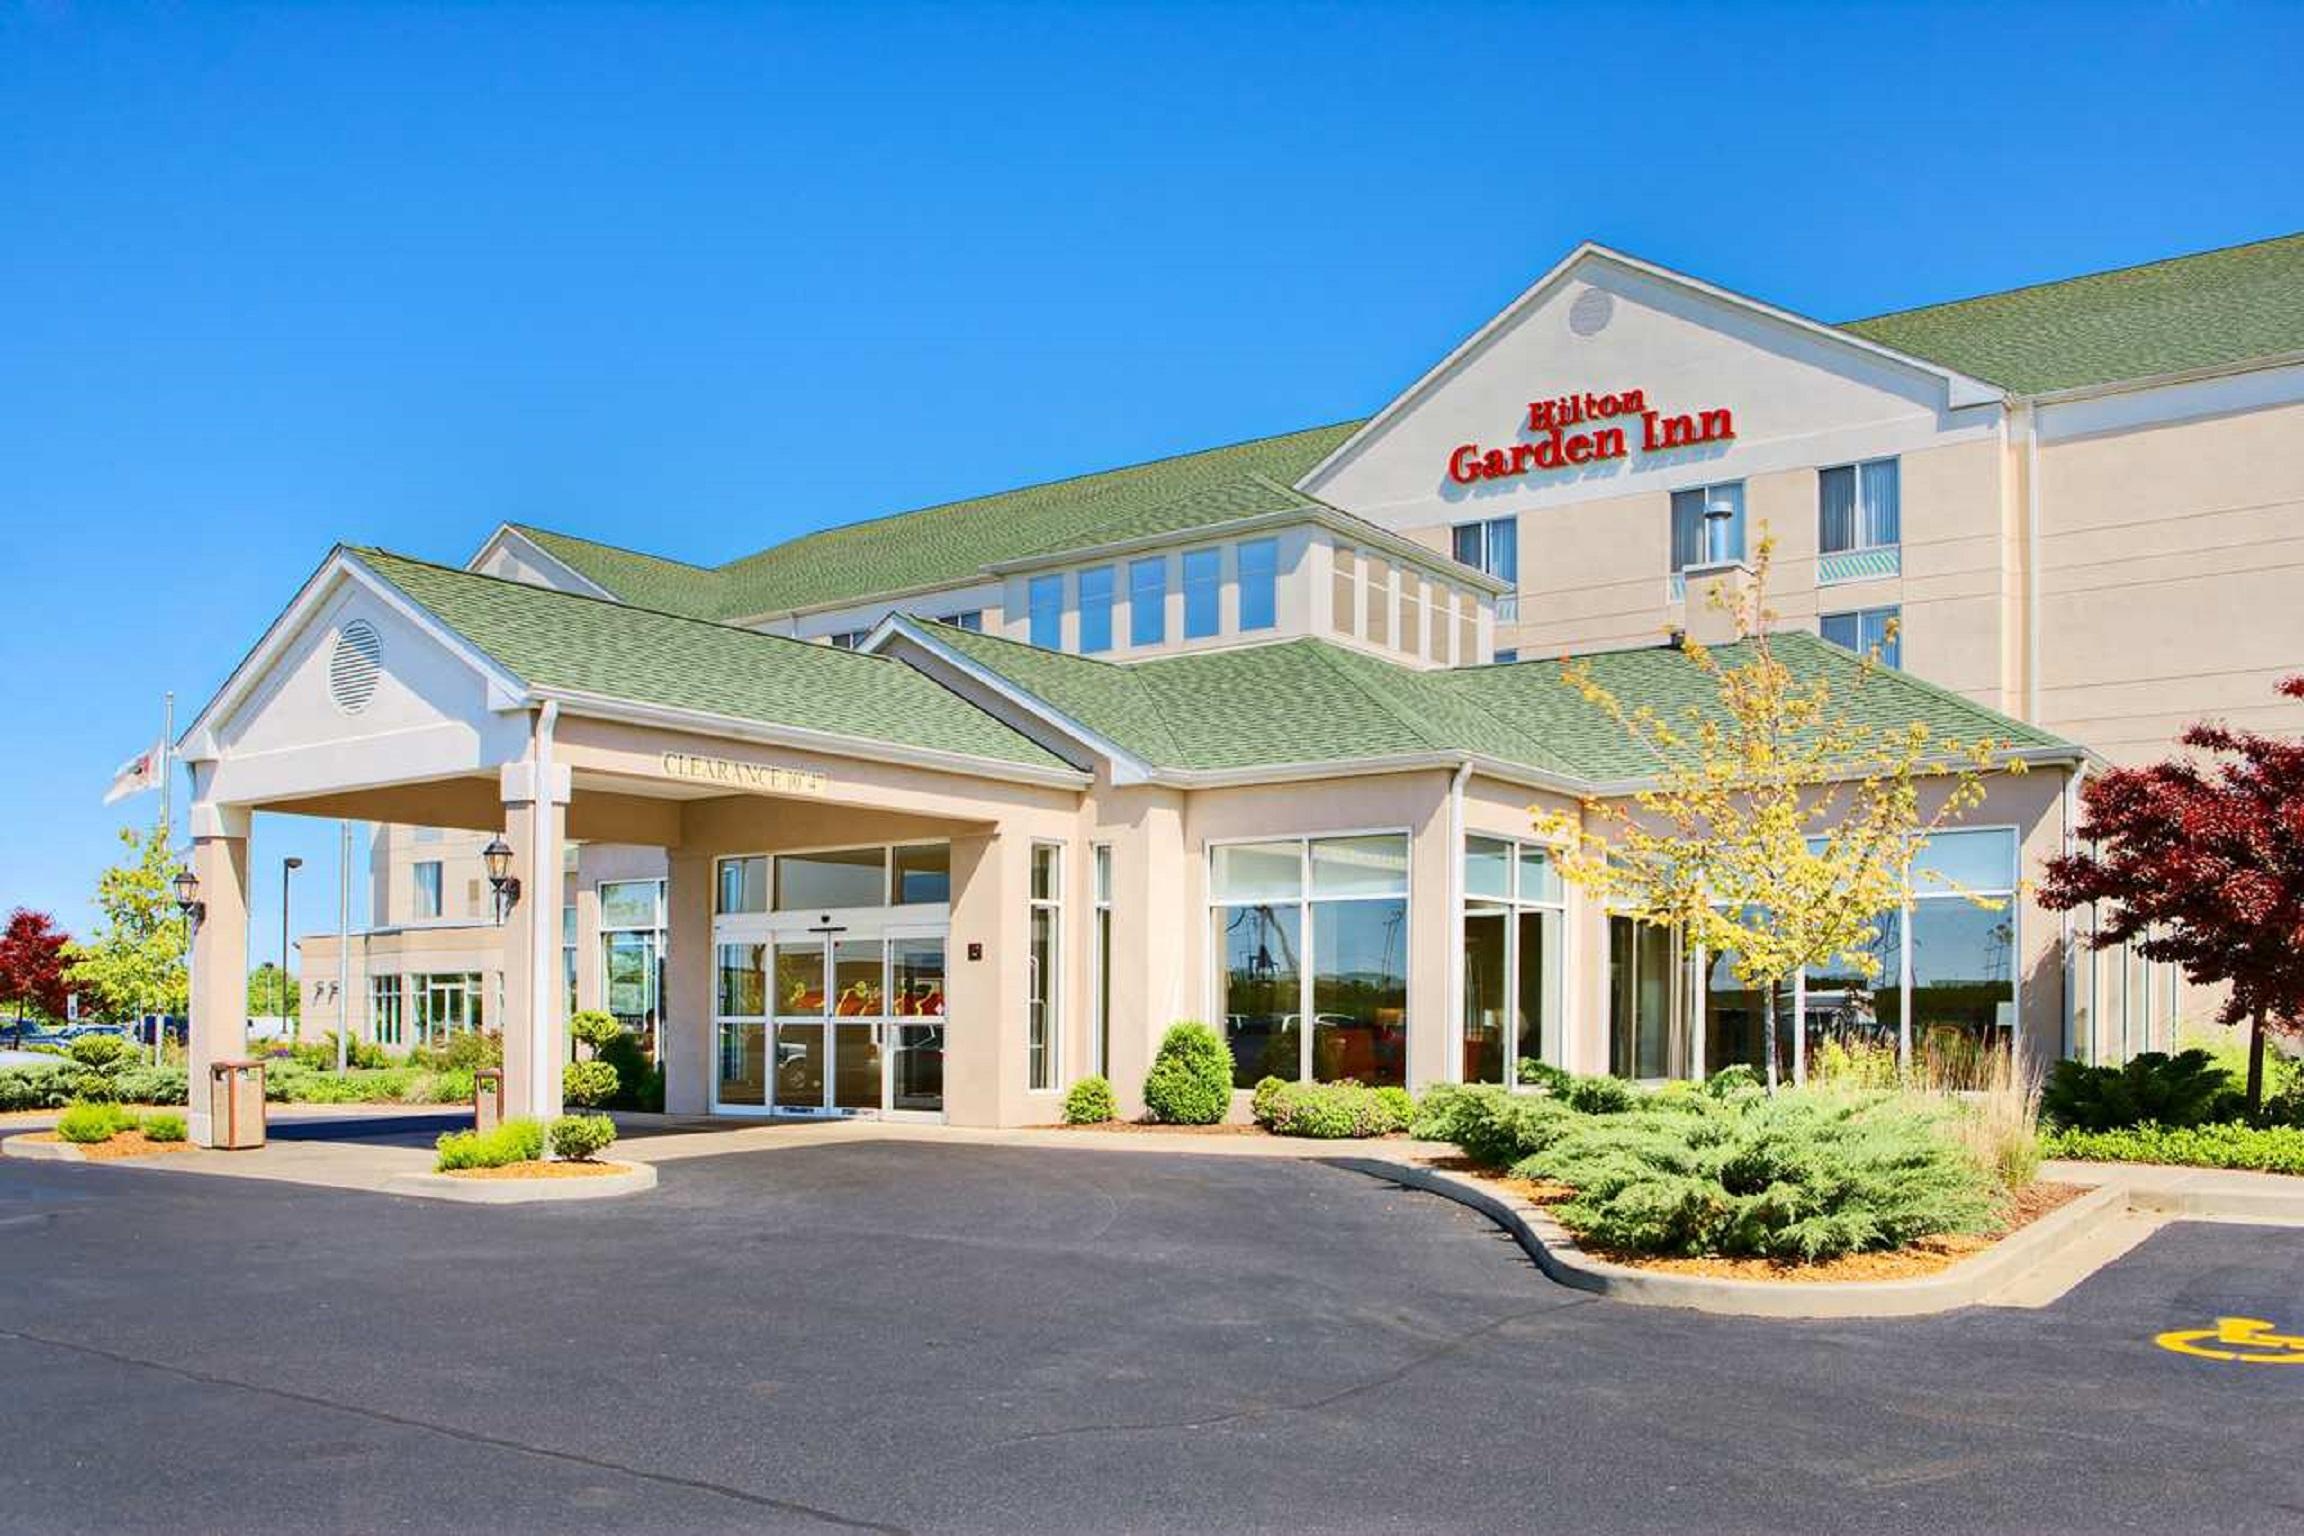 Hilton Garden Inn Springfield Springfield Illinois Il